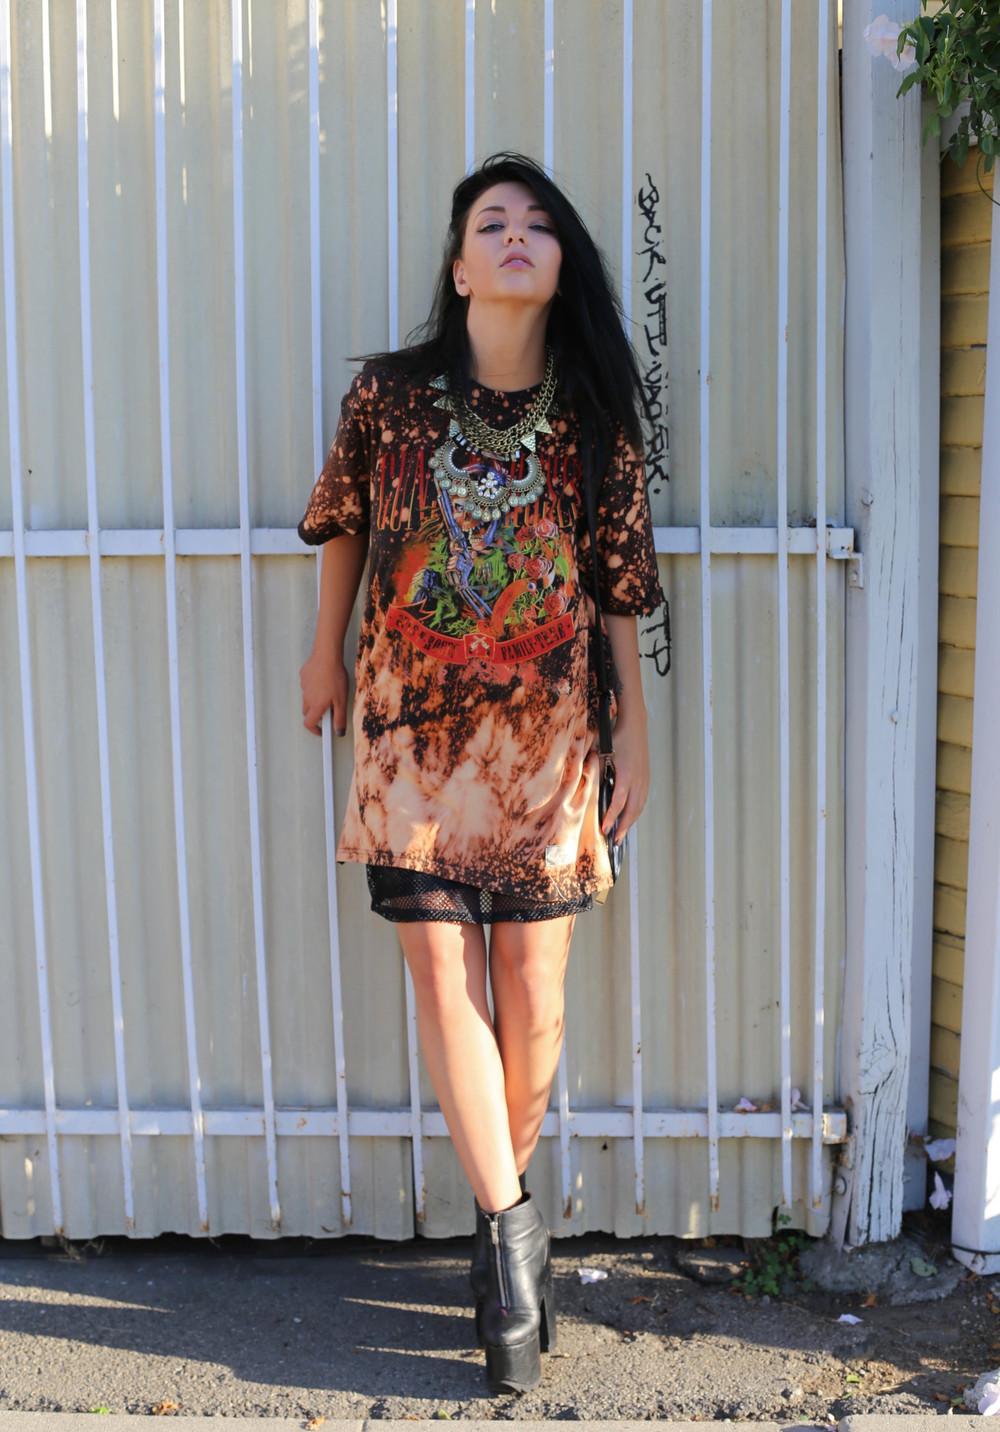 Friday Sydell ( Musician/Model)   @FridaySydell  --  North Hollywood  Los Angeles, Ca